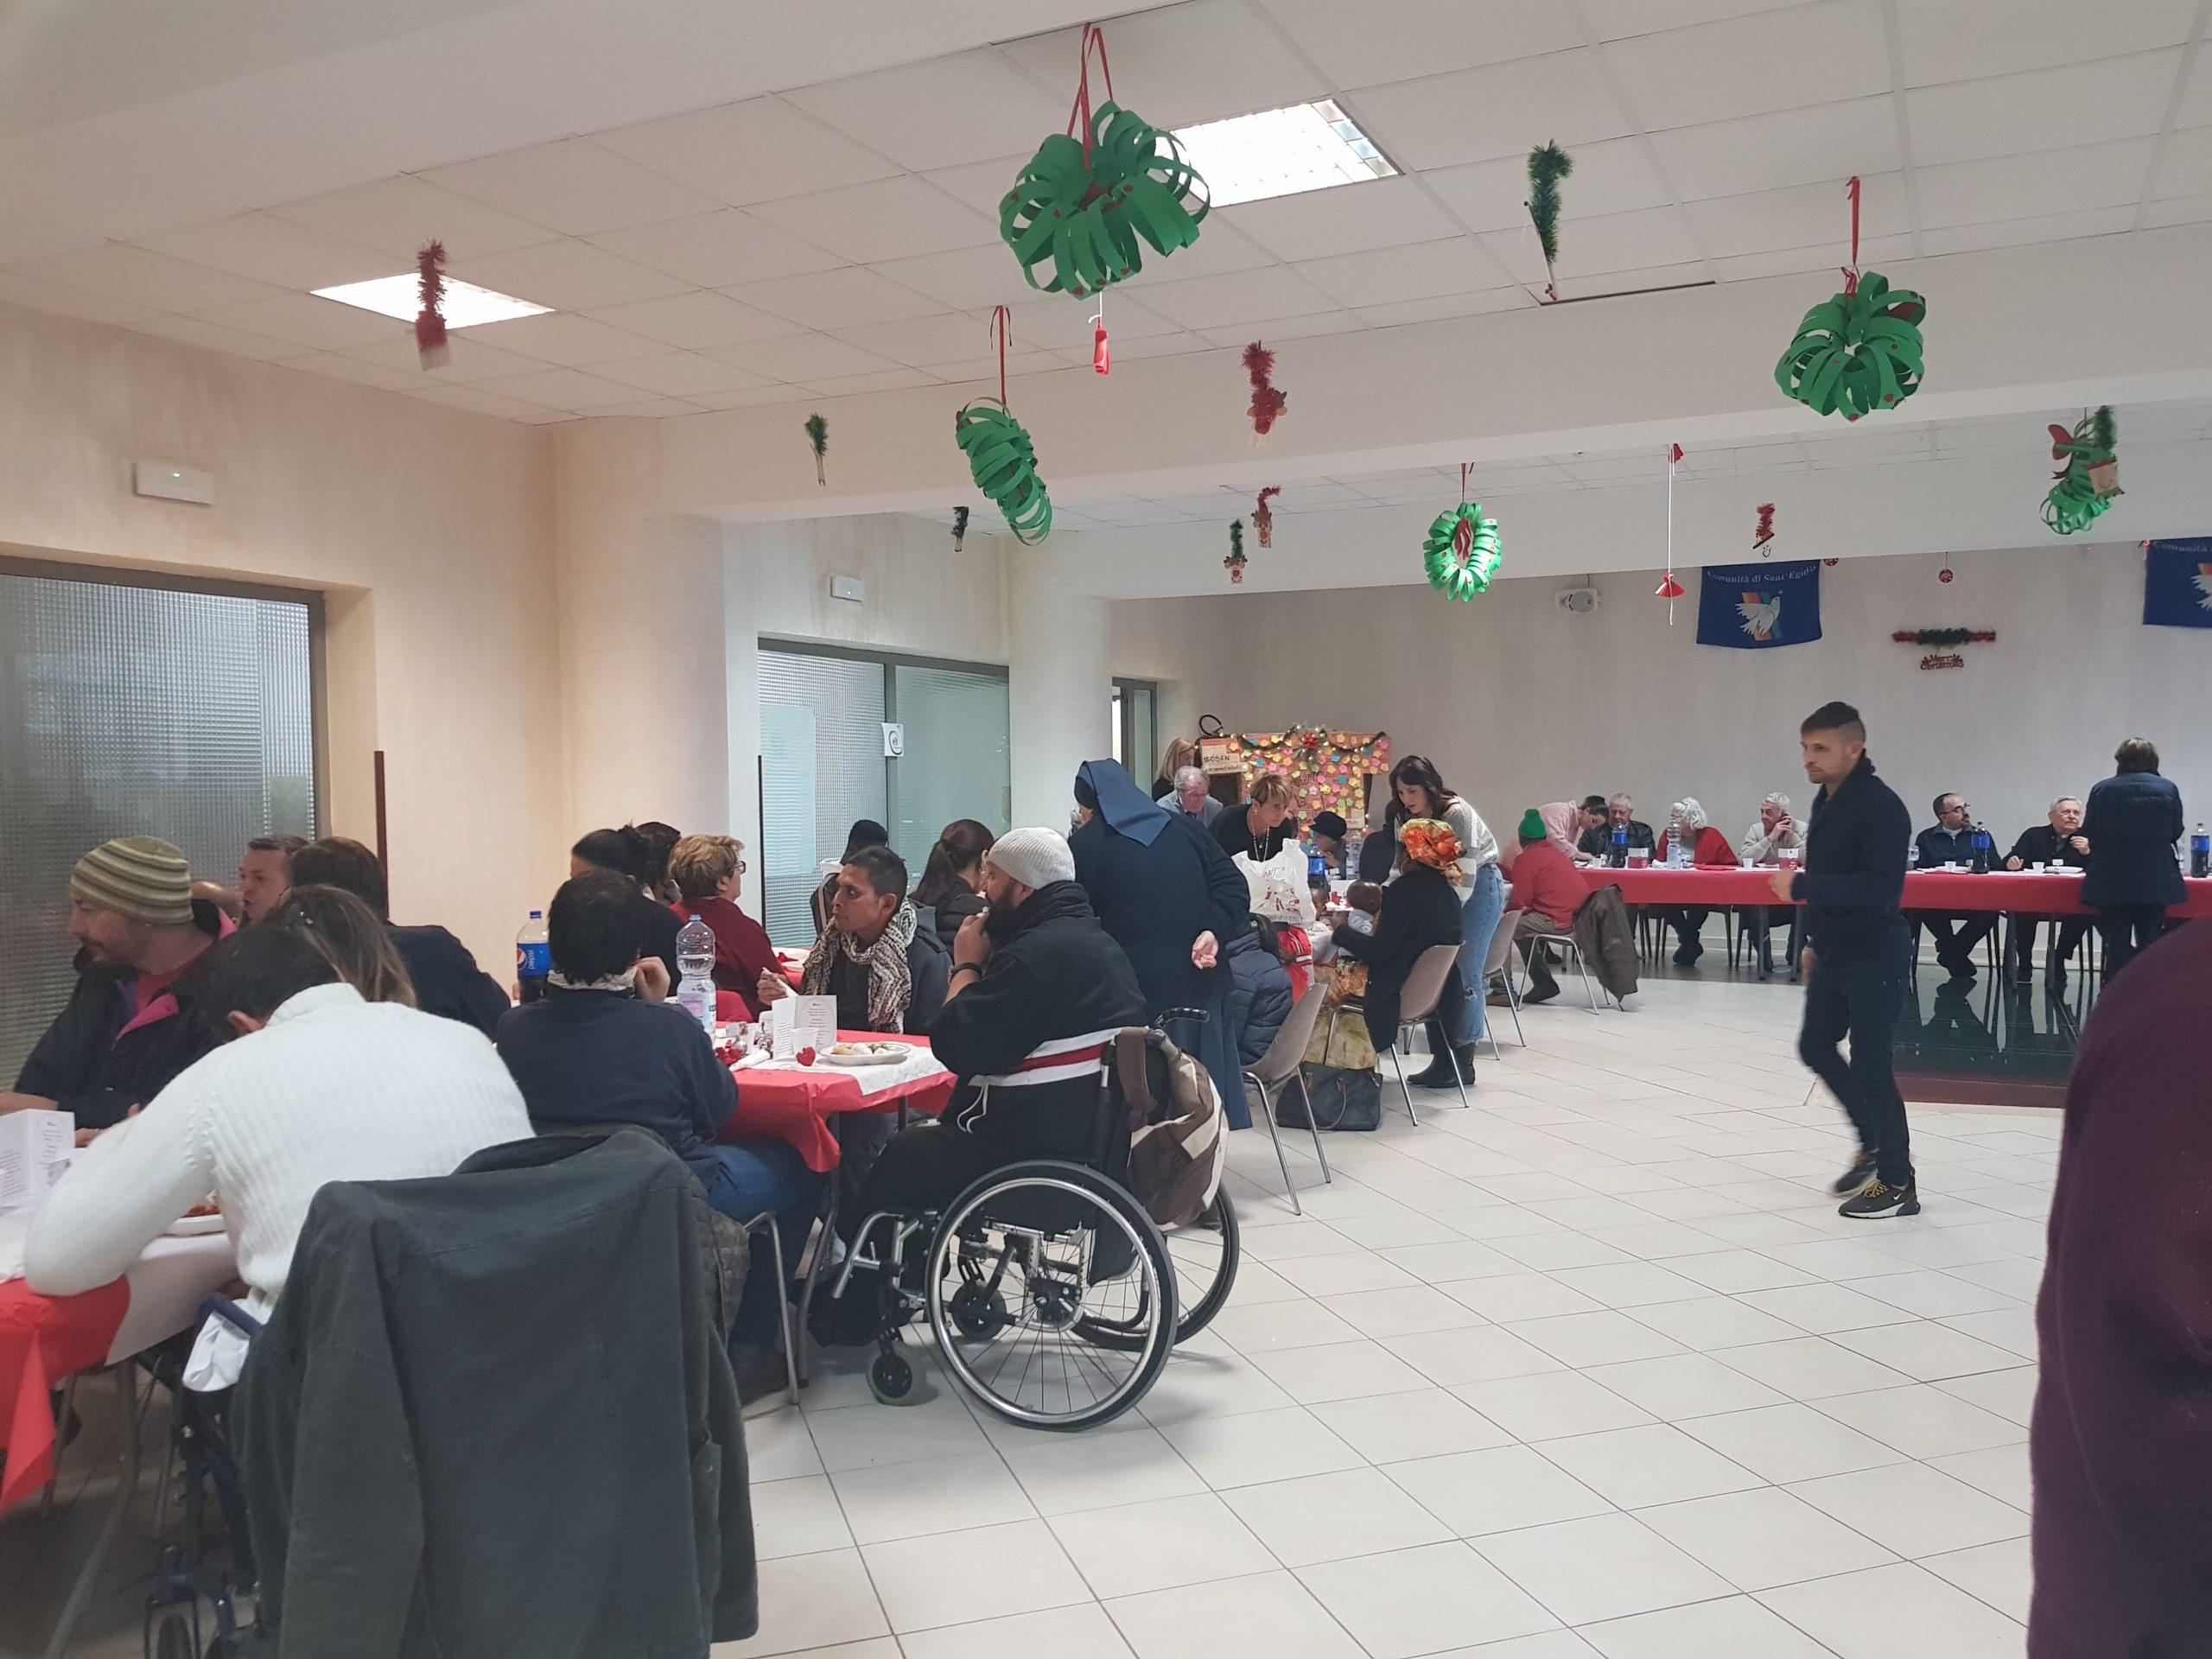 Napoli, quartiere Pianura: 150 persone al pranzo di Natale